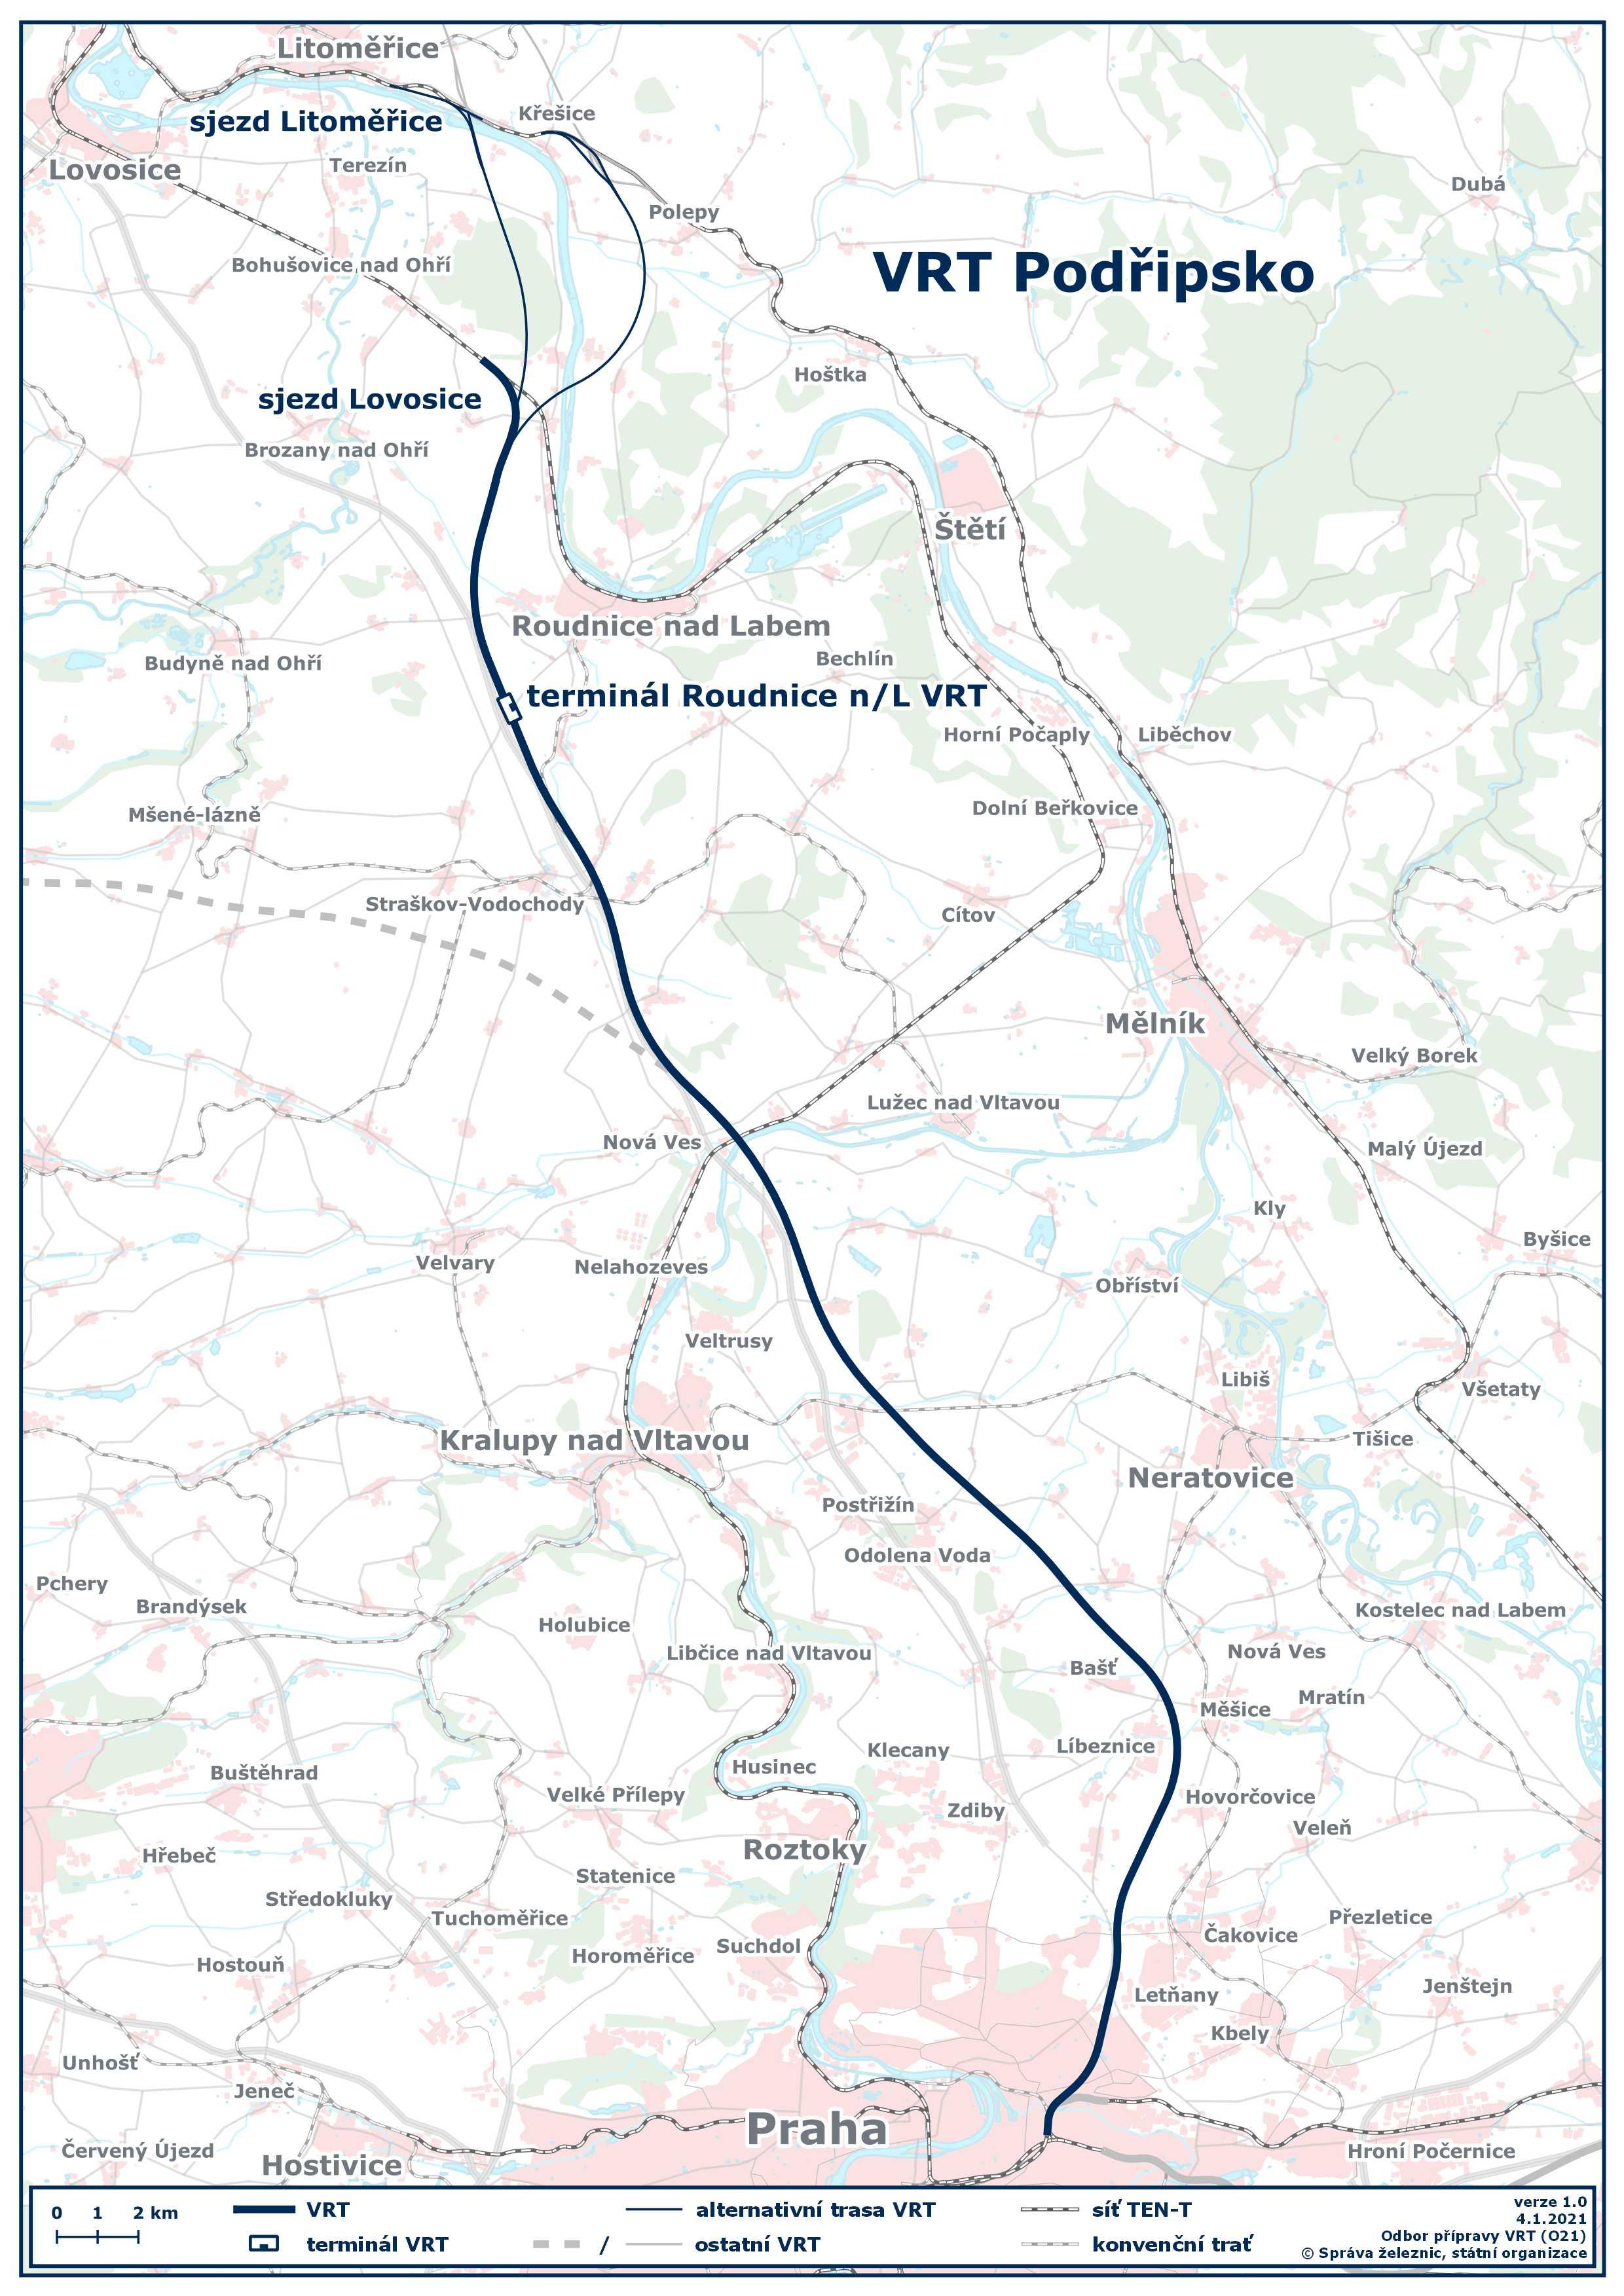 Mapa VRT Podřipsko